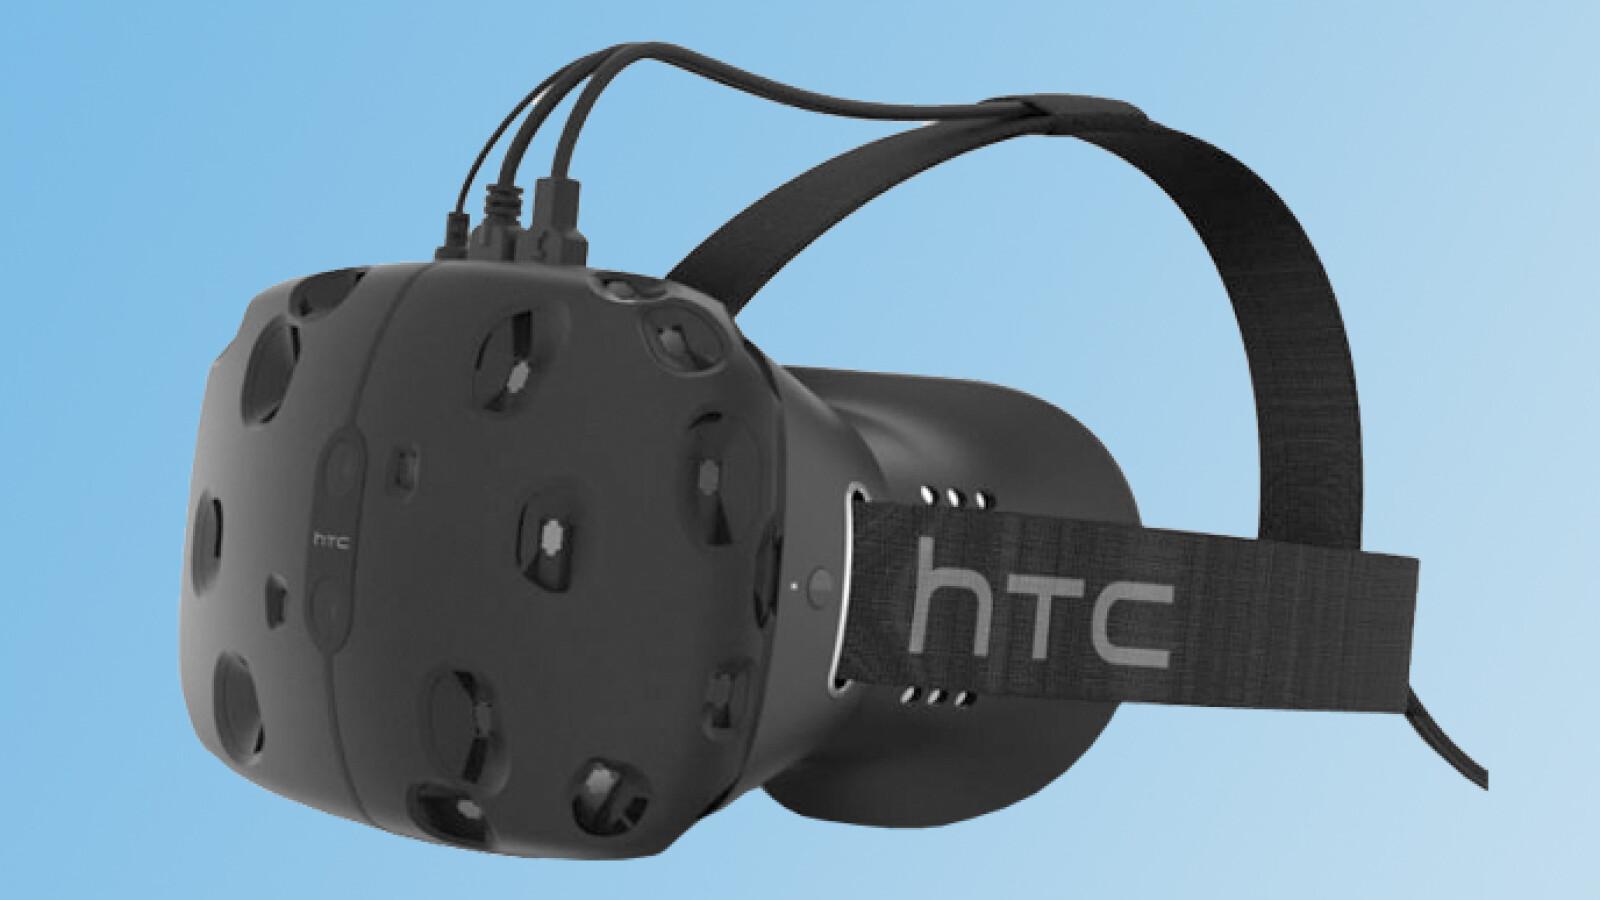 Beste vr brille grafik : Htc vive alles wichtige zum oculus rift konkurrenten netzwelt